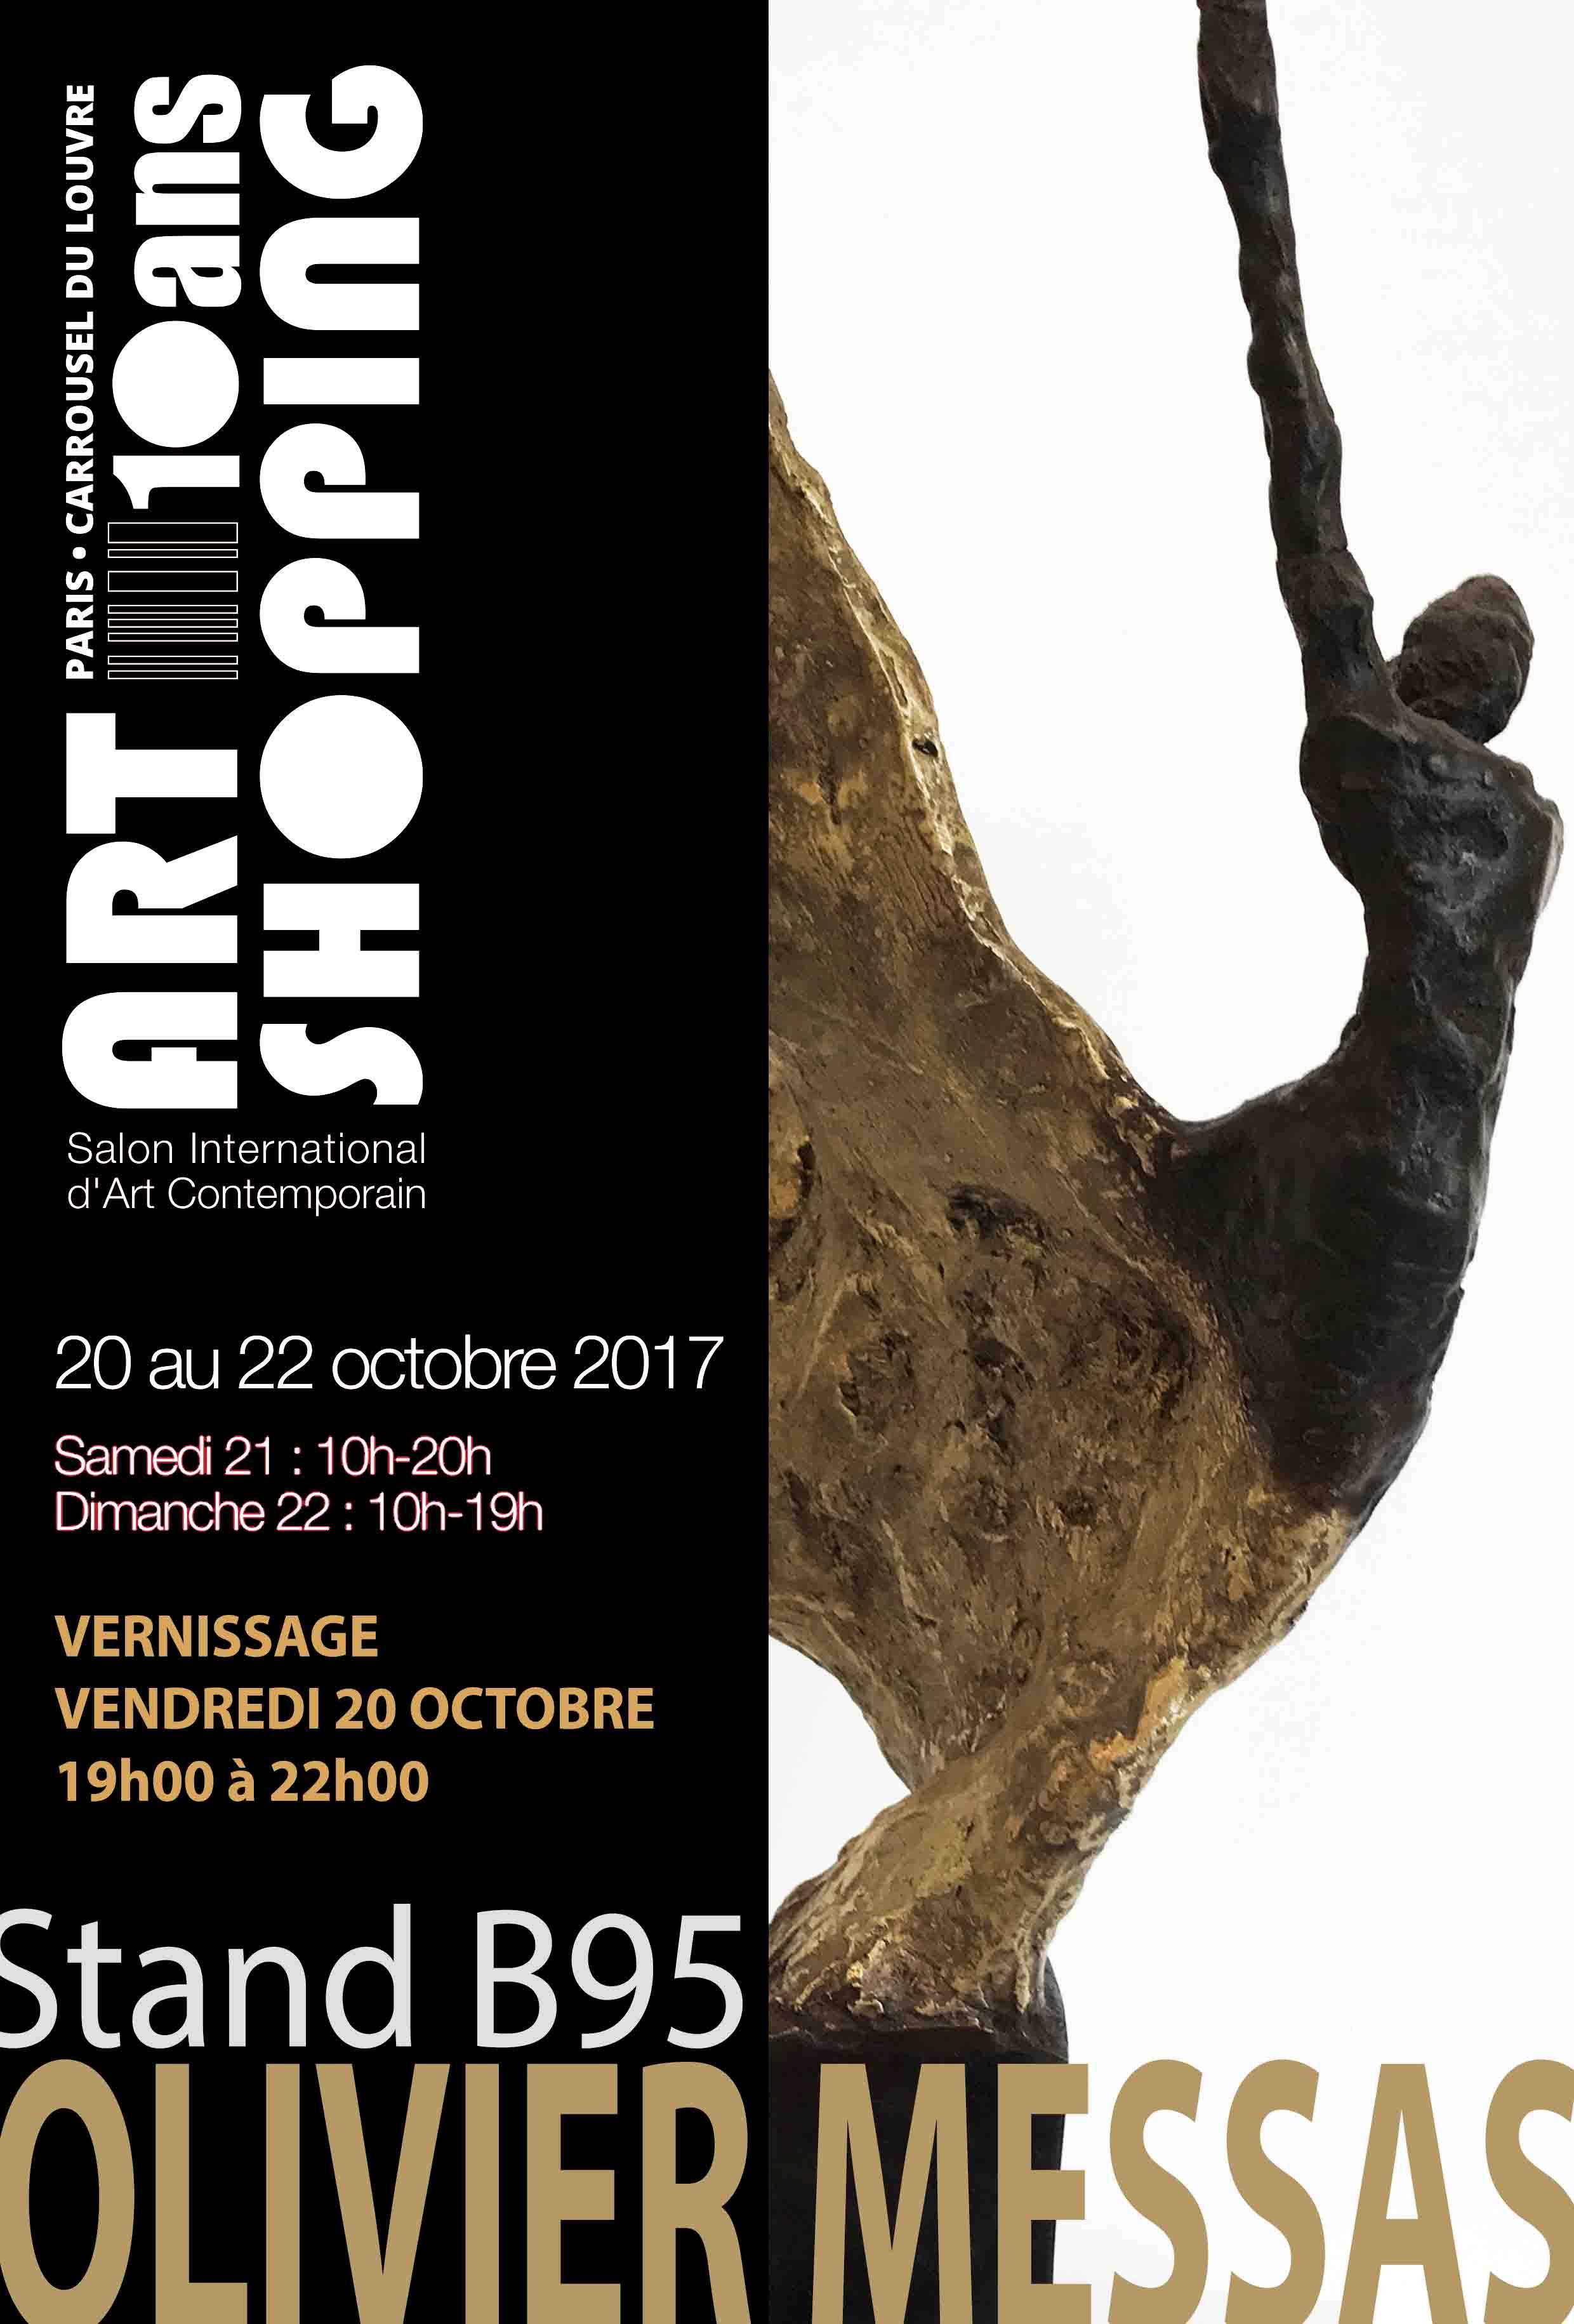 ARTSHOPPING | 20 au 22 OCTOBRE 2017